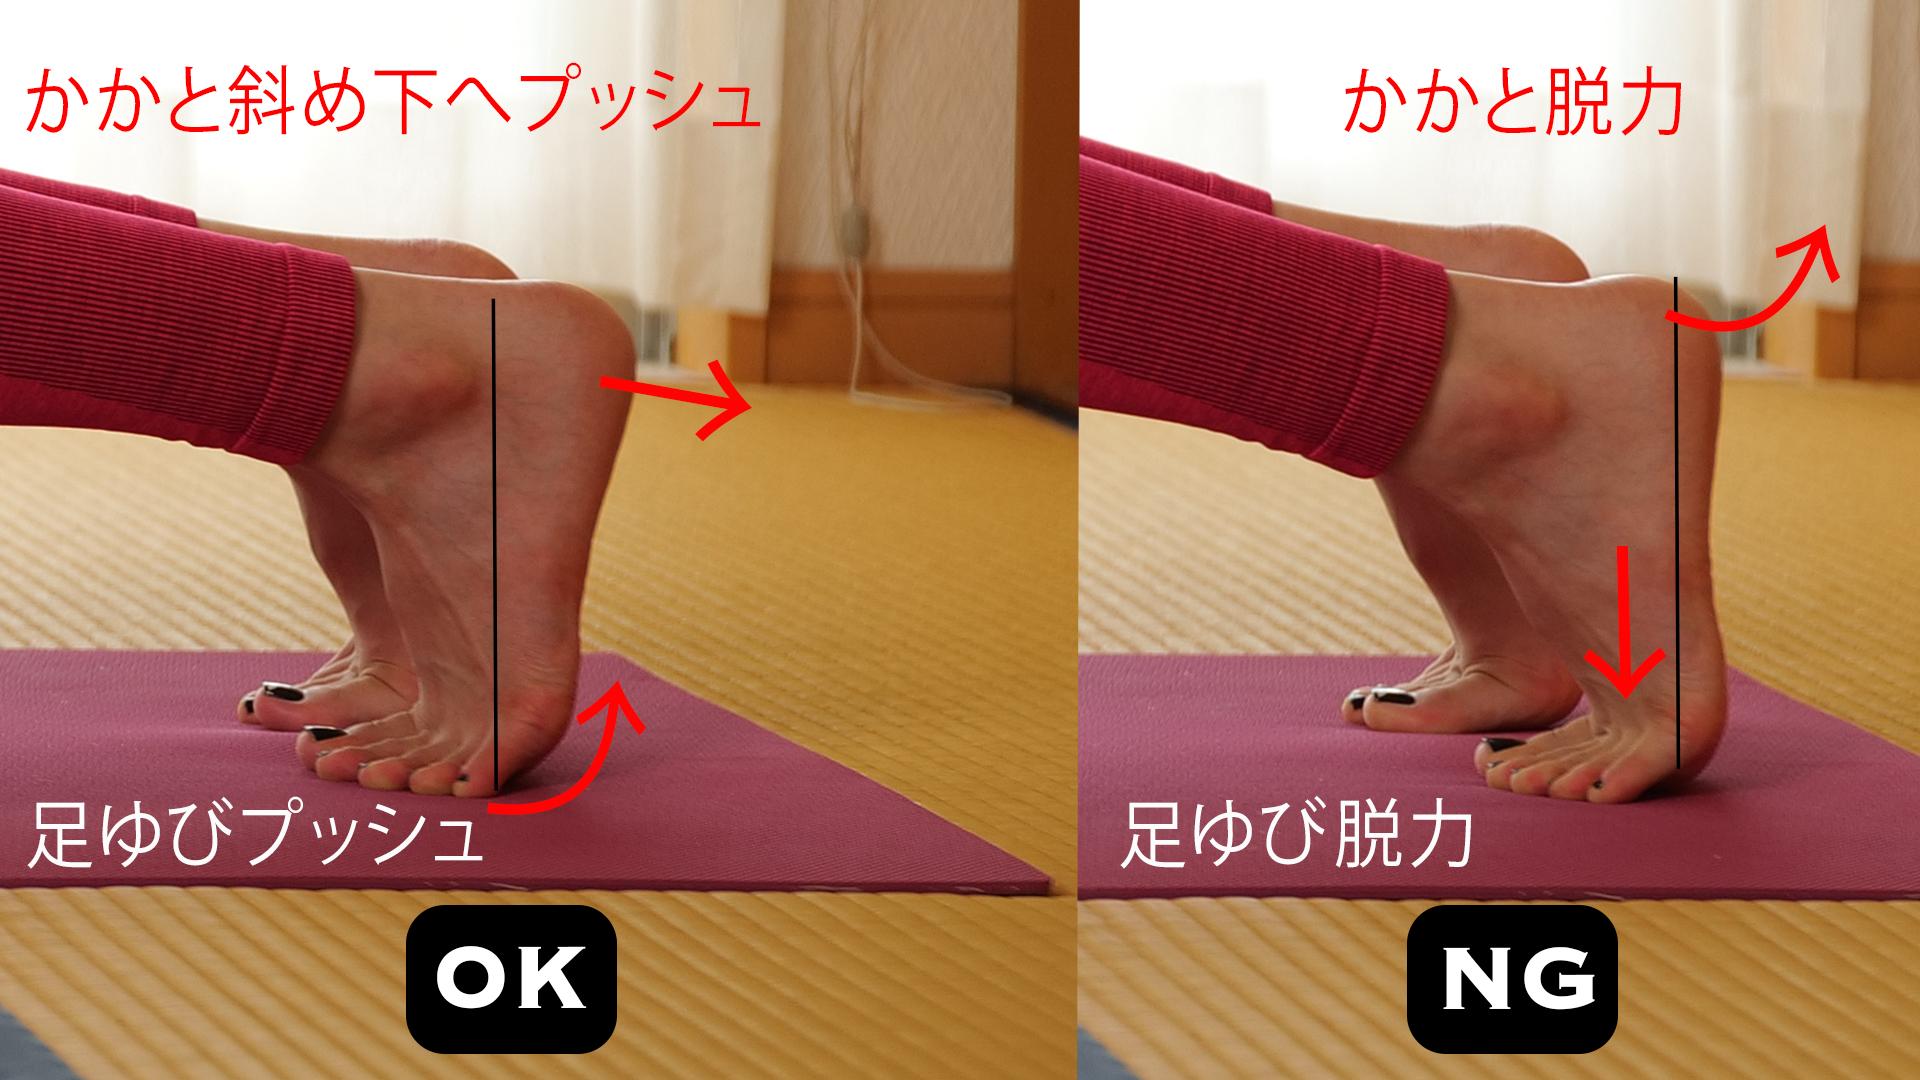 プランクの足首の位置